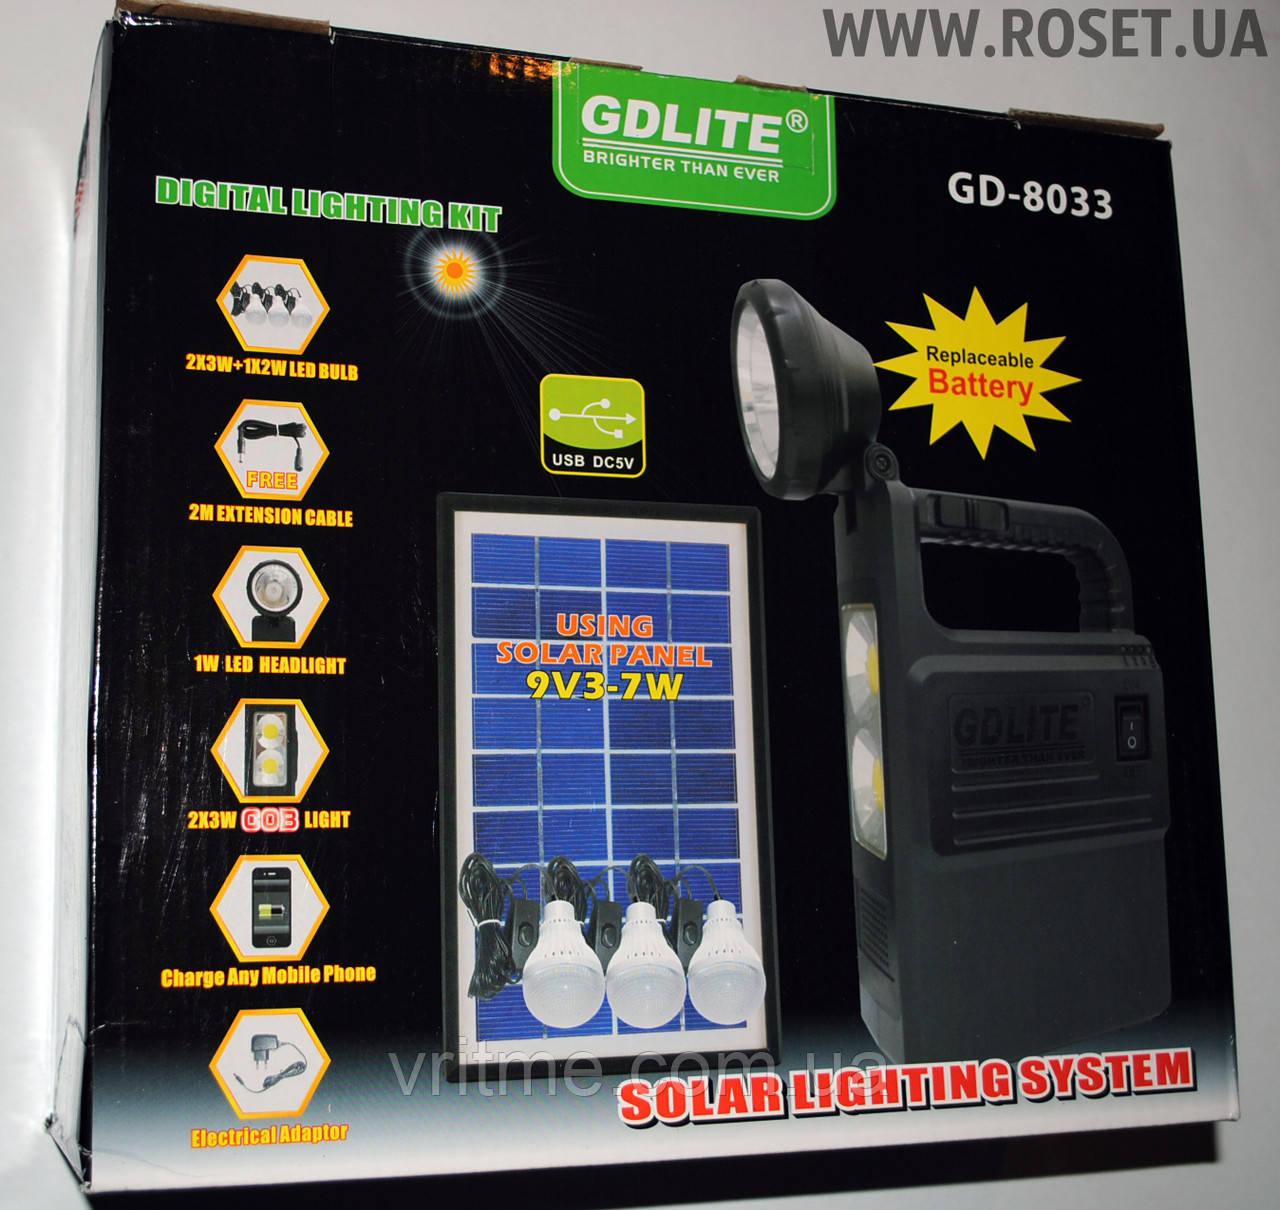 Портативный аккумулятор-фонарь с солнечной панелью GDLite GD-8033